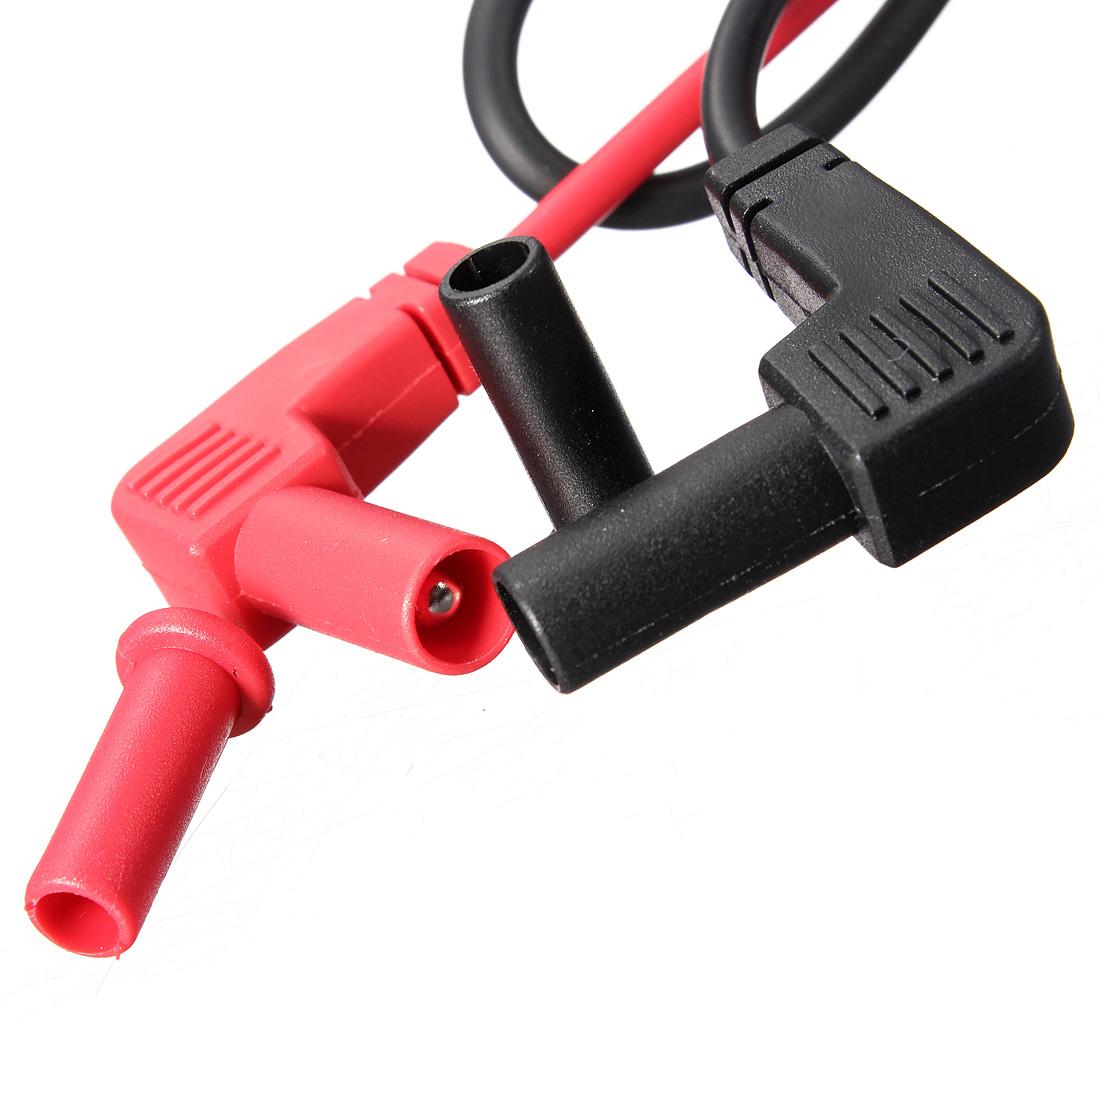 [해외]용량 성 및 유도 성 테이블 펜 SMD 인덕터 테스트 미터 저항기 커패시터 멀티 미터 커패시터 용 클립 프로브 핀셋/Capacitive and Inductive Table Pens SMD Inductor Test Meter Clip Probe Tweezers F